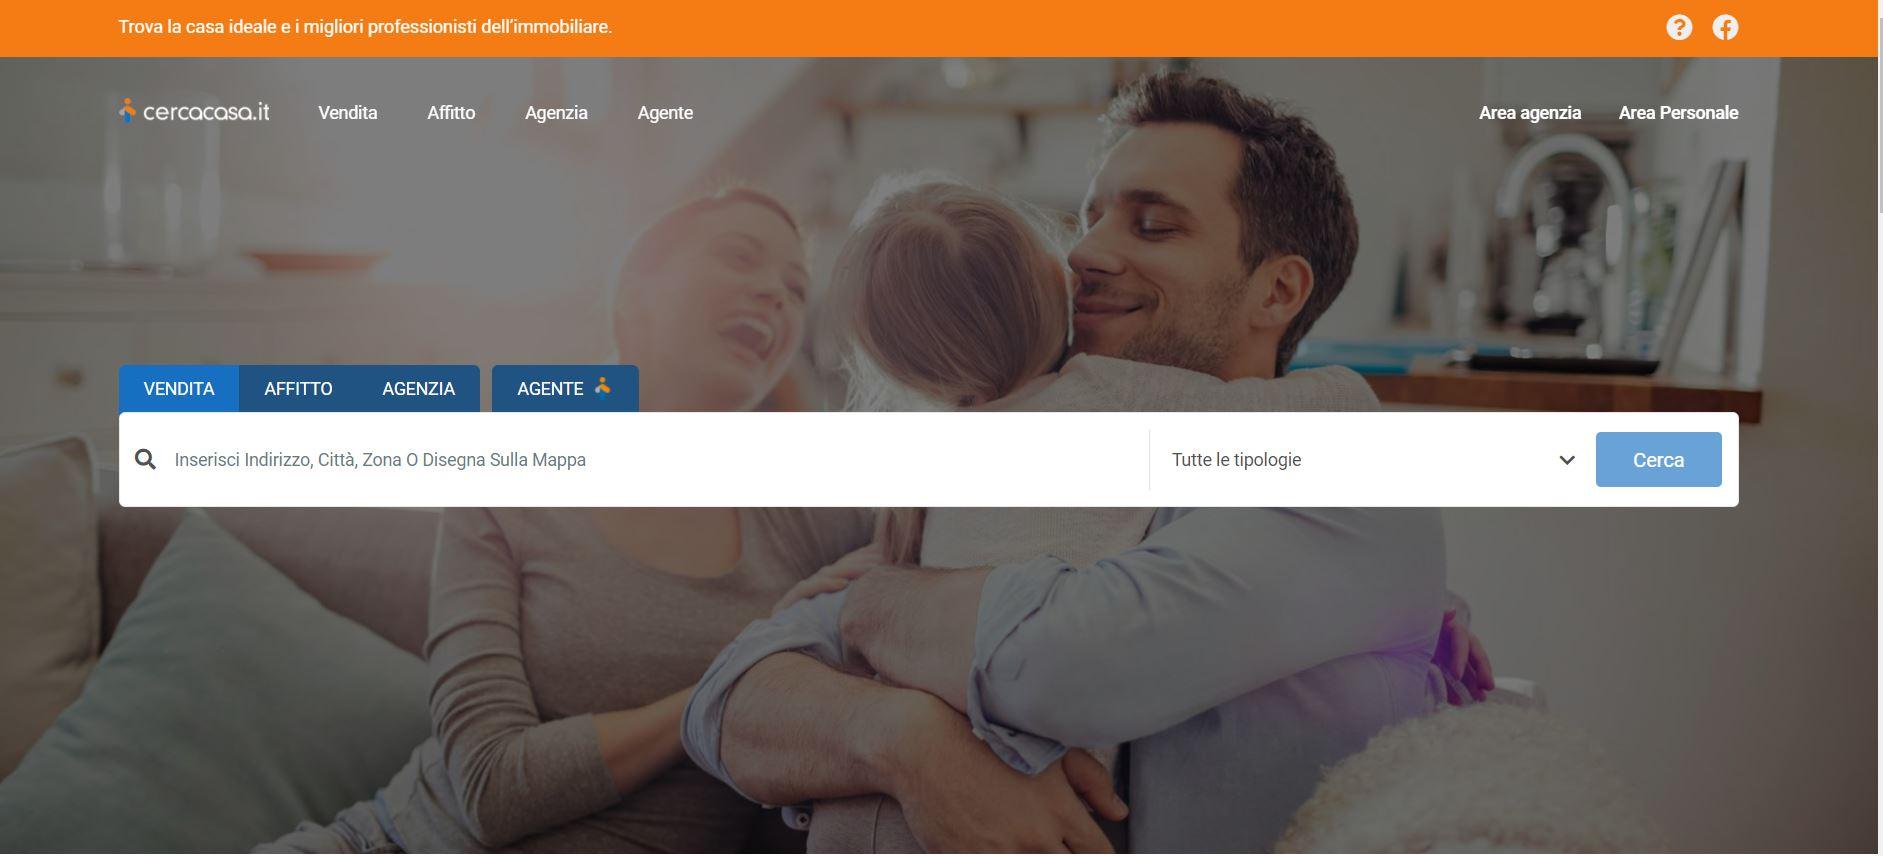 È online Cercacasa.it il sito per trovare la casa ideale eil miglior professionista immobiliare